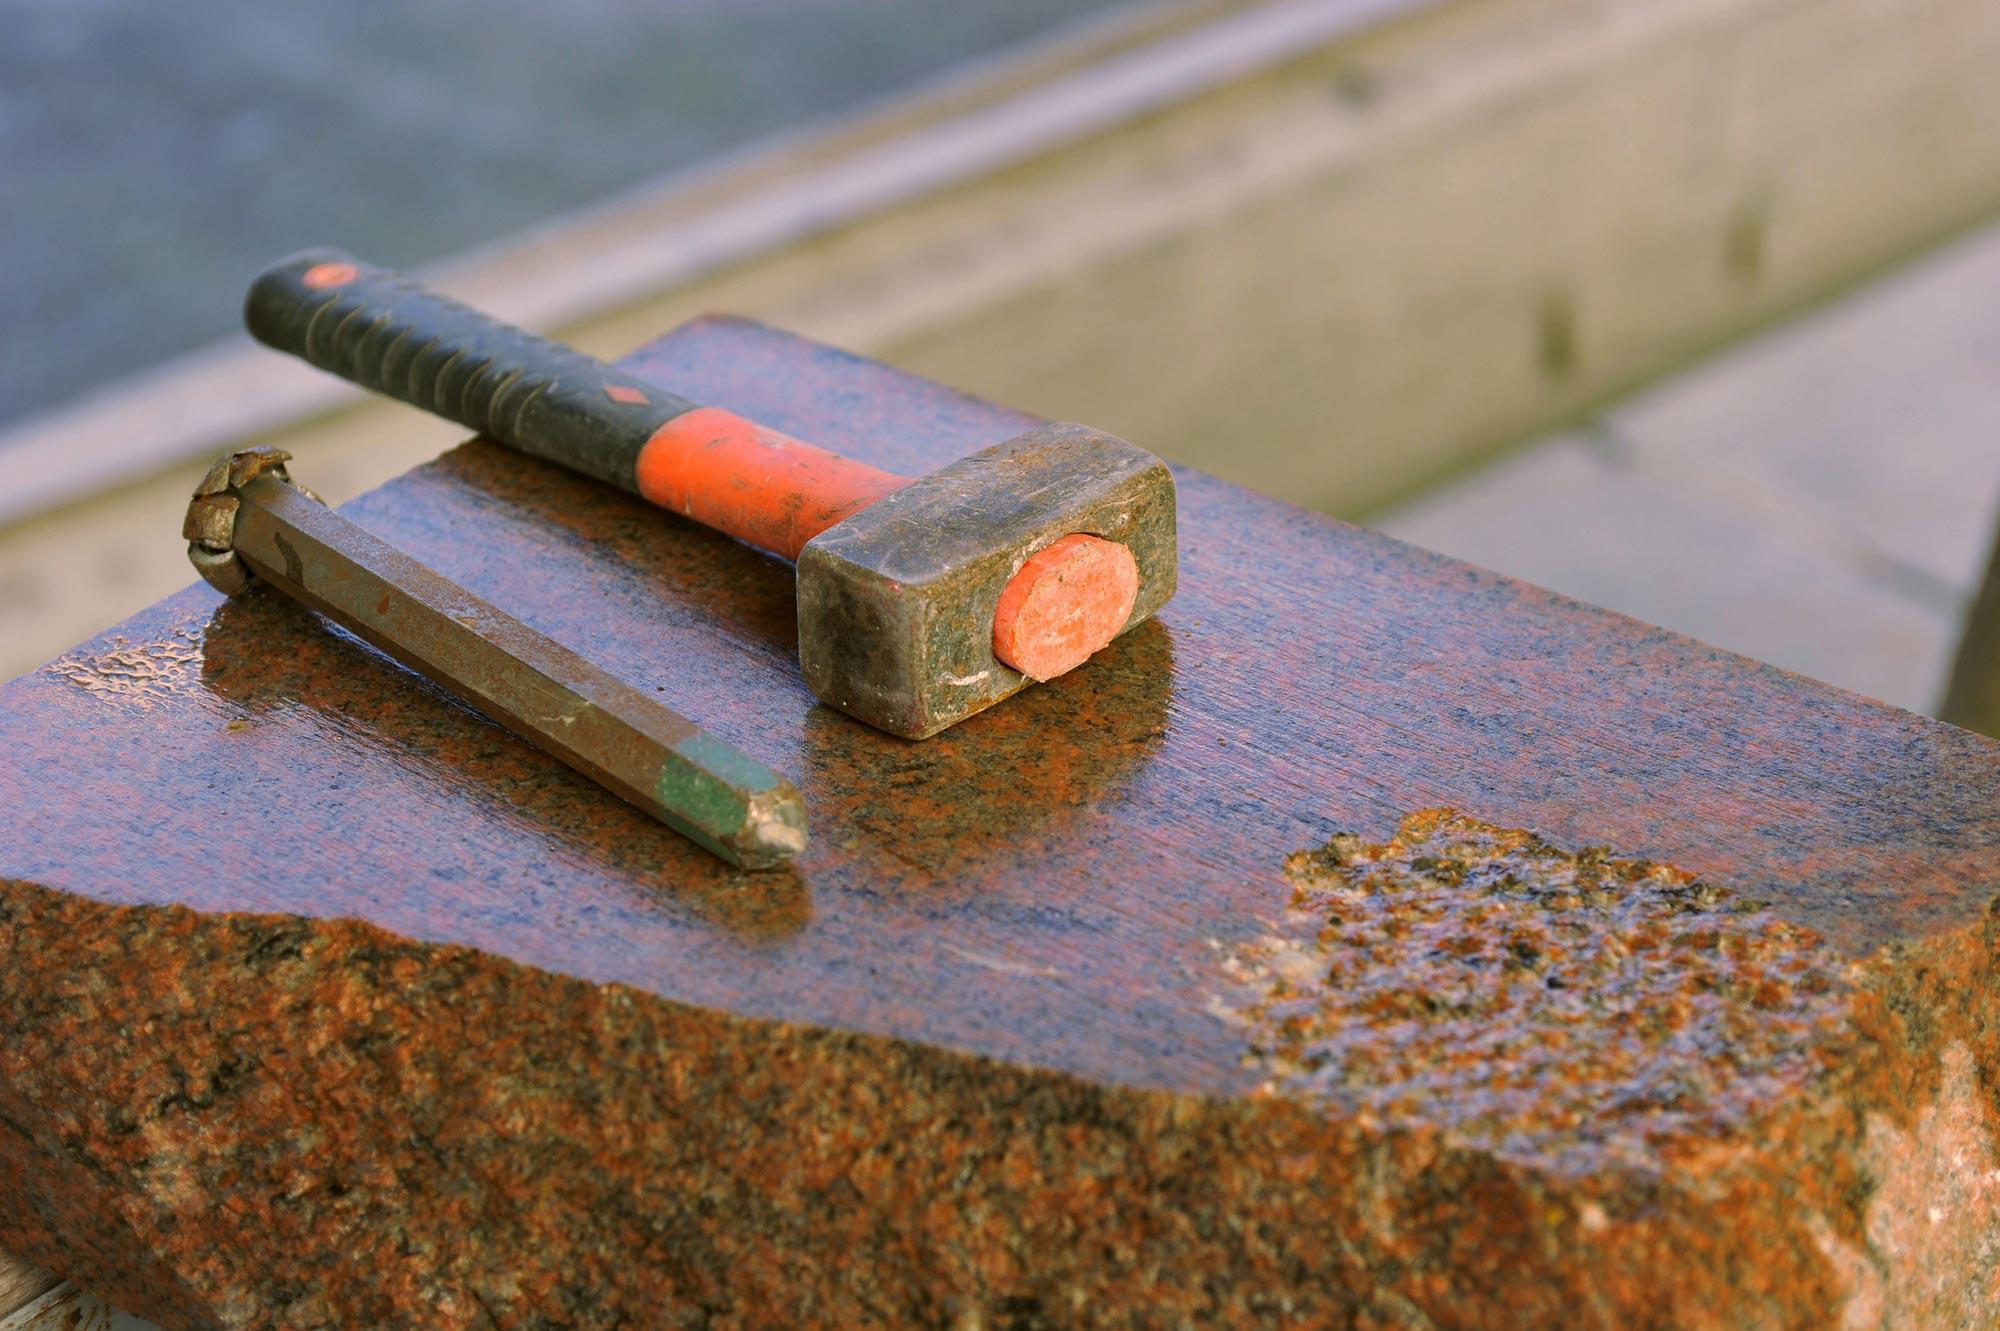 Lavorazione artigianale marmi e graniti